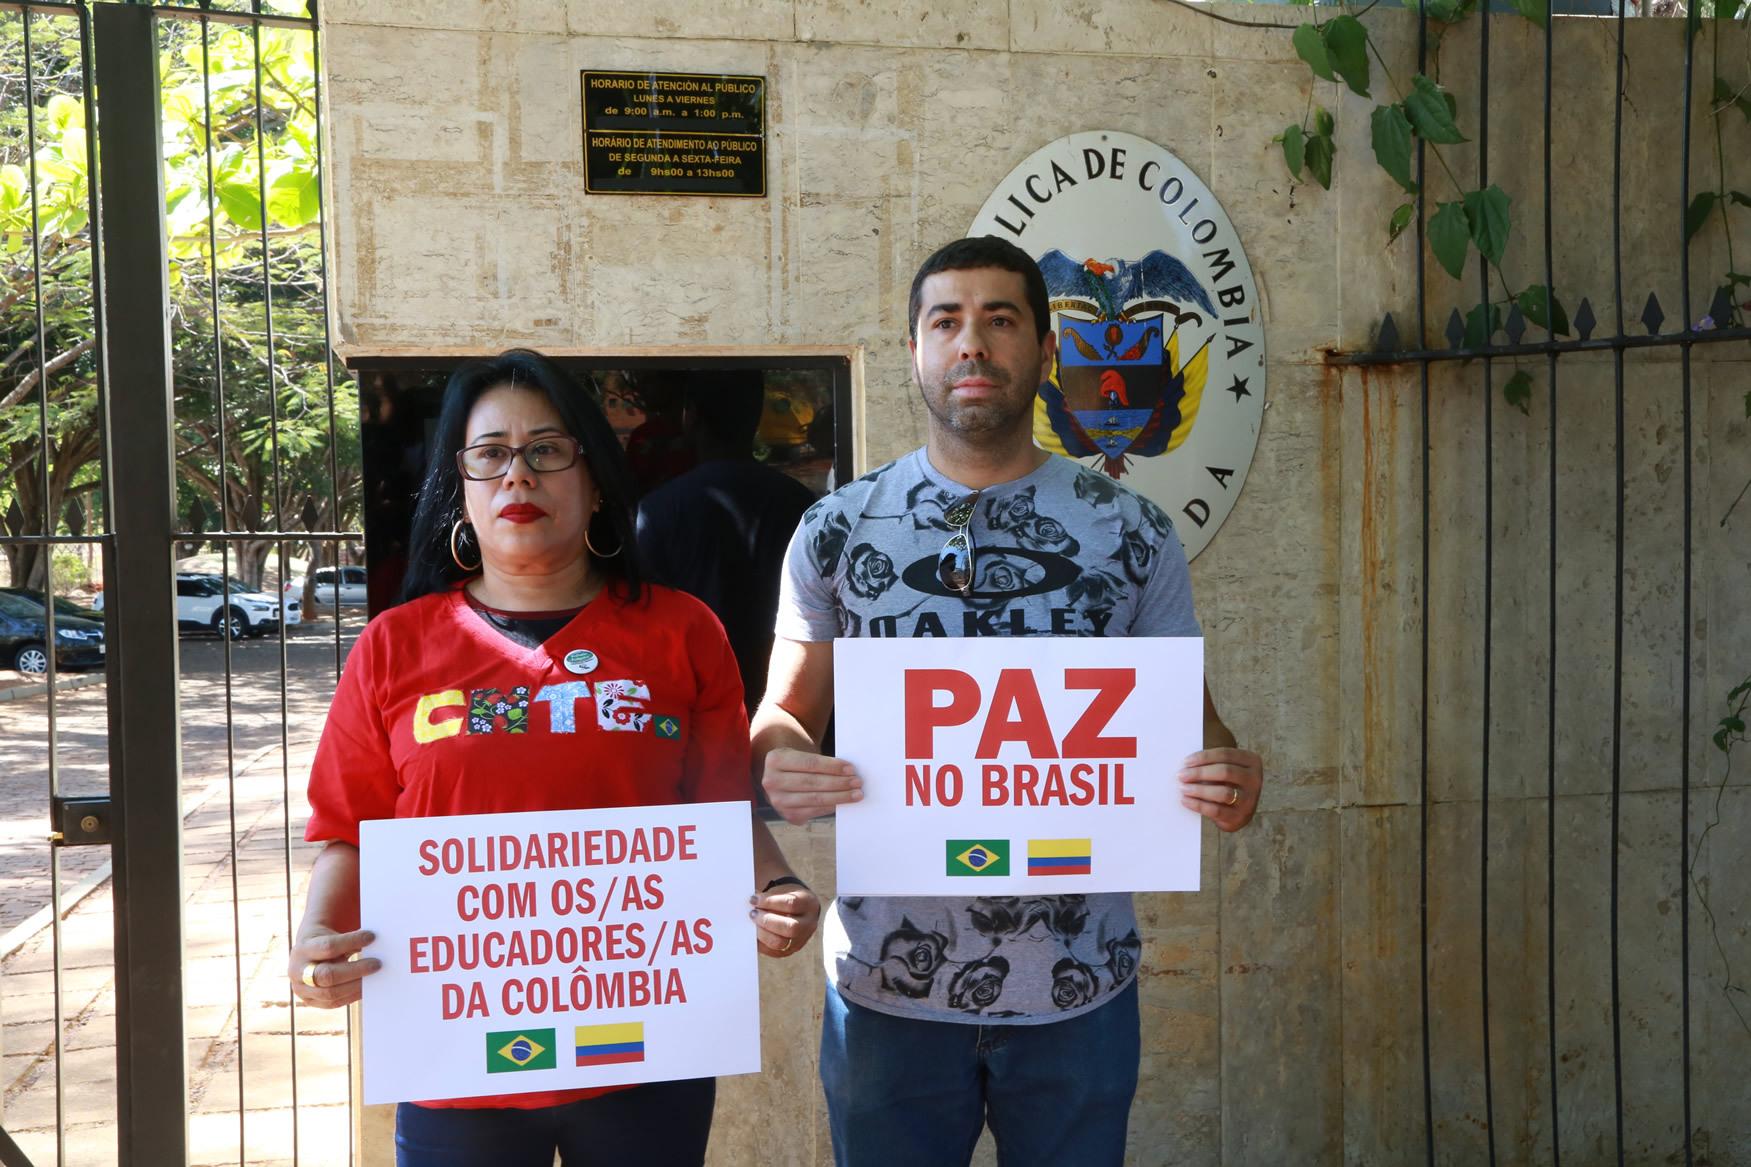 2019.09.12-Ato-Embaixada-Colombia_fotos-ECOM-17